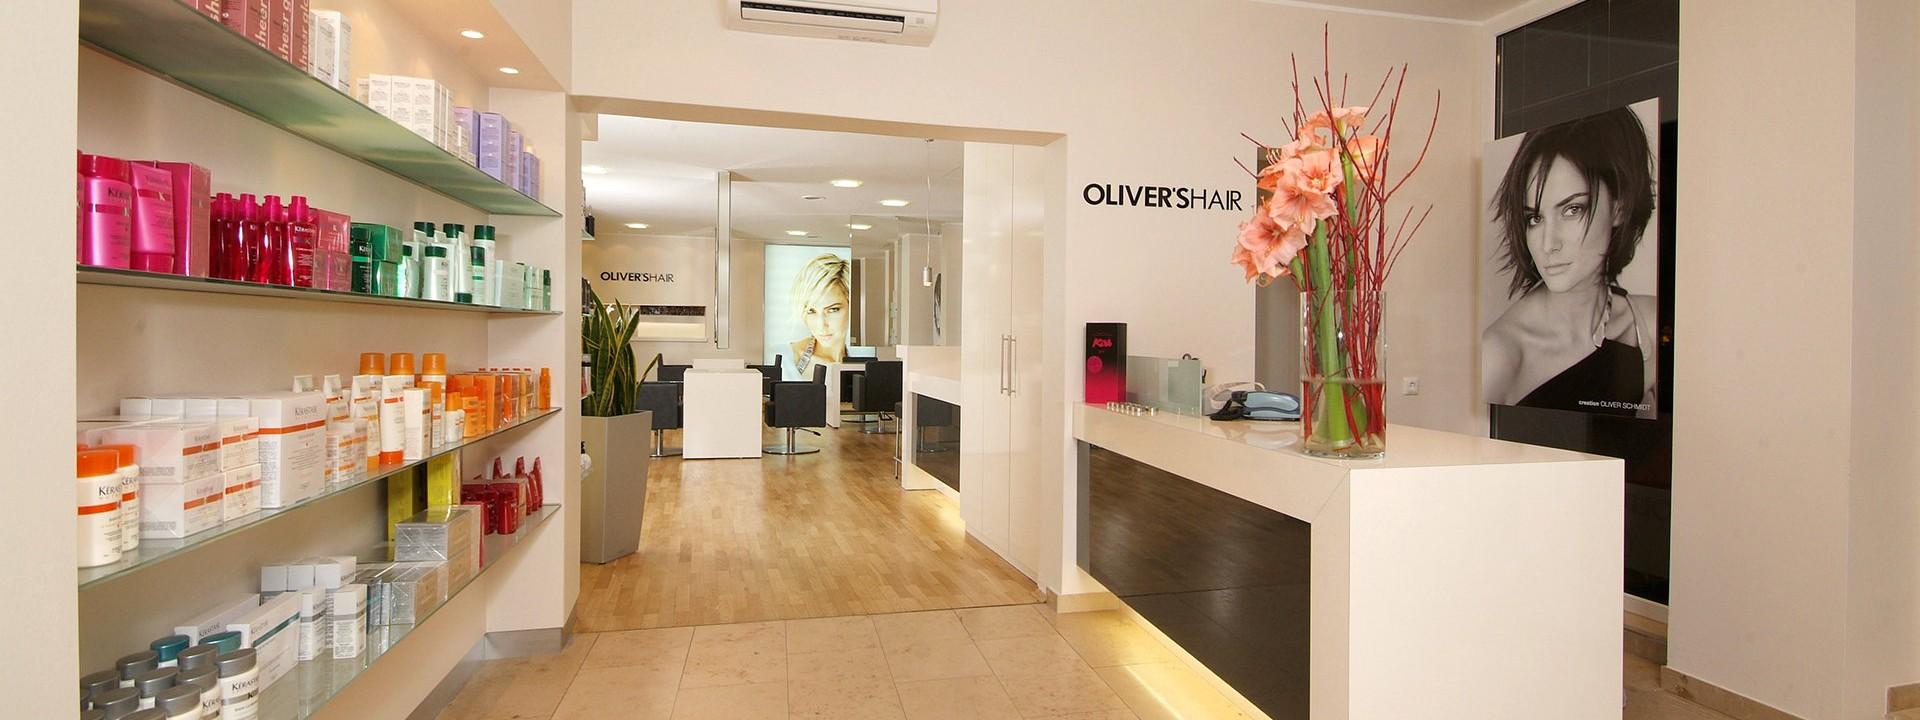 beste friseure d seldorf rosenstra e 56 a derendorf bester friseur in d sseldorf. Black Bedroom Furniture Sets. Home Design Ideas